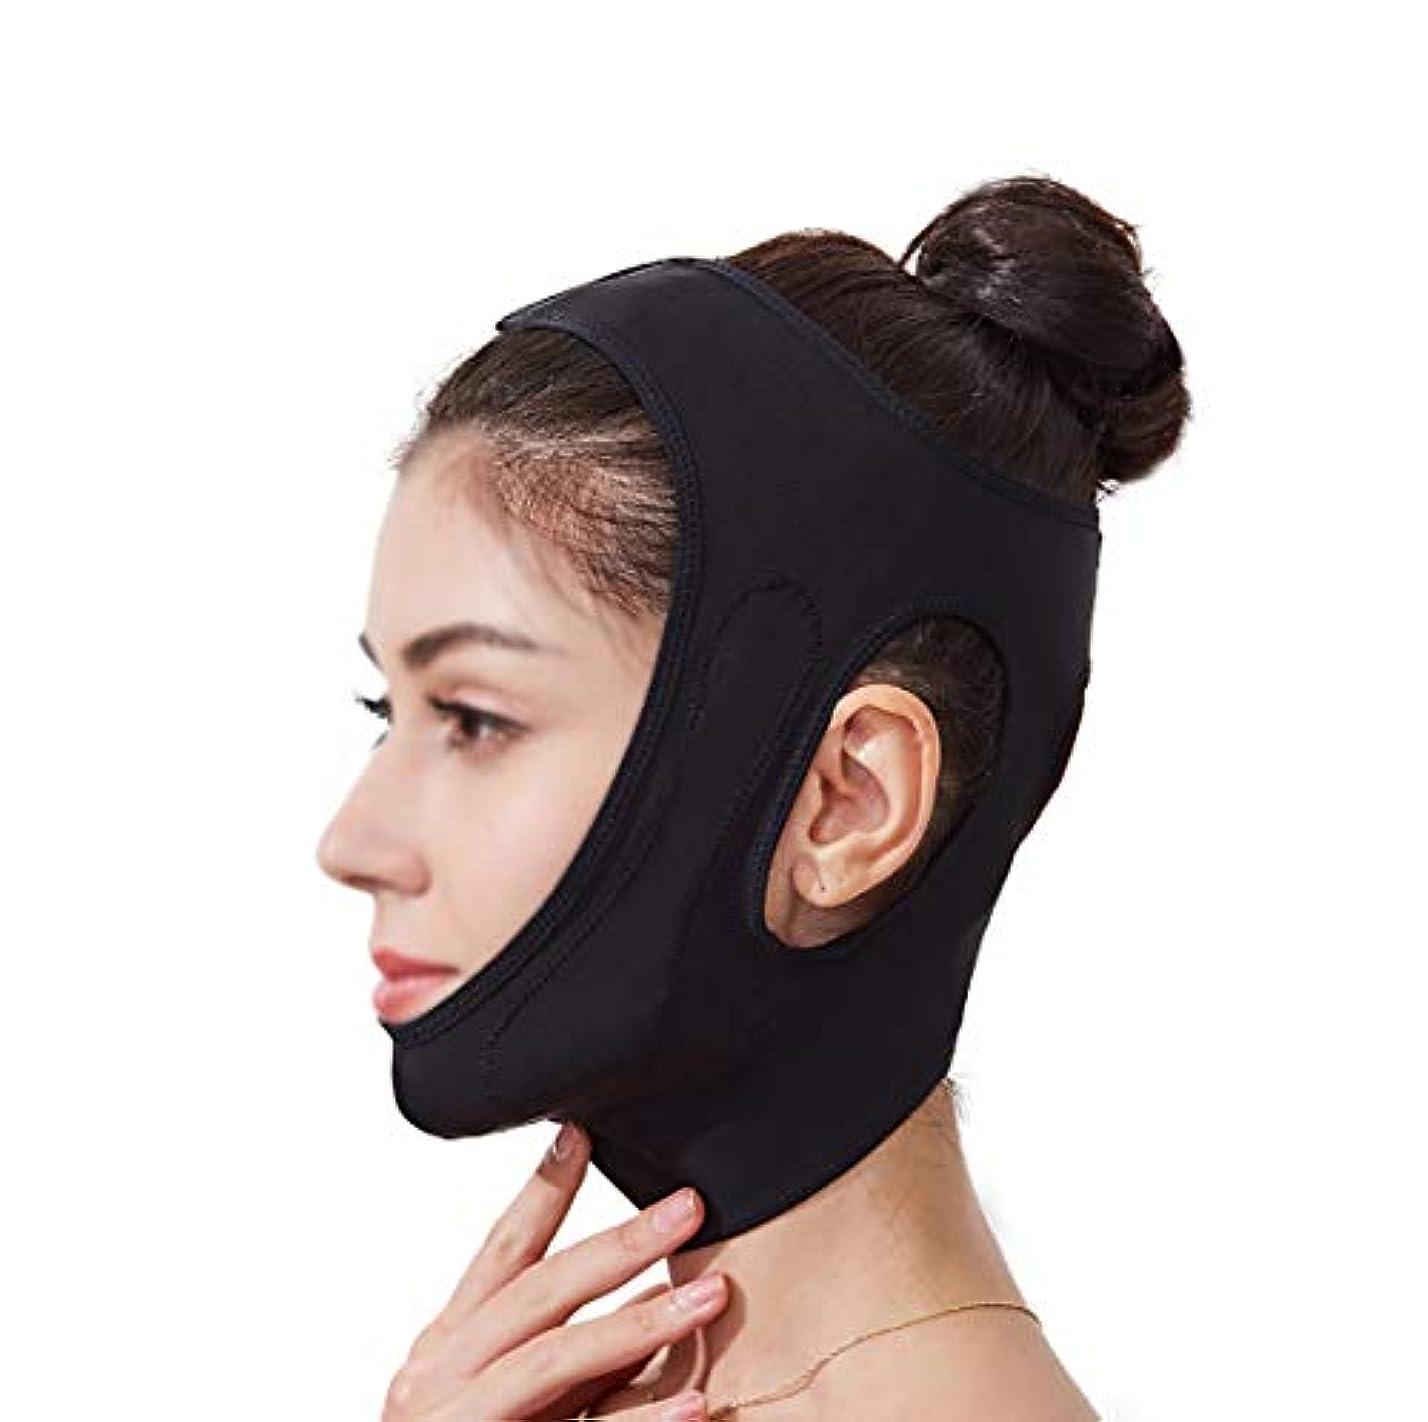 気をつけて建築家用心するフェイスリフティングマスク、360°オールラウンドリフティングフェイシャル輪郭、あごを閉じて肌を引き締め、快適でフェイスライトをサポートし、通気性 (Size : Black)